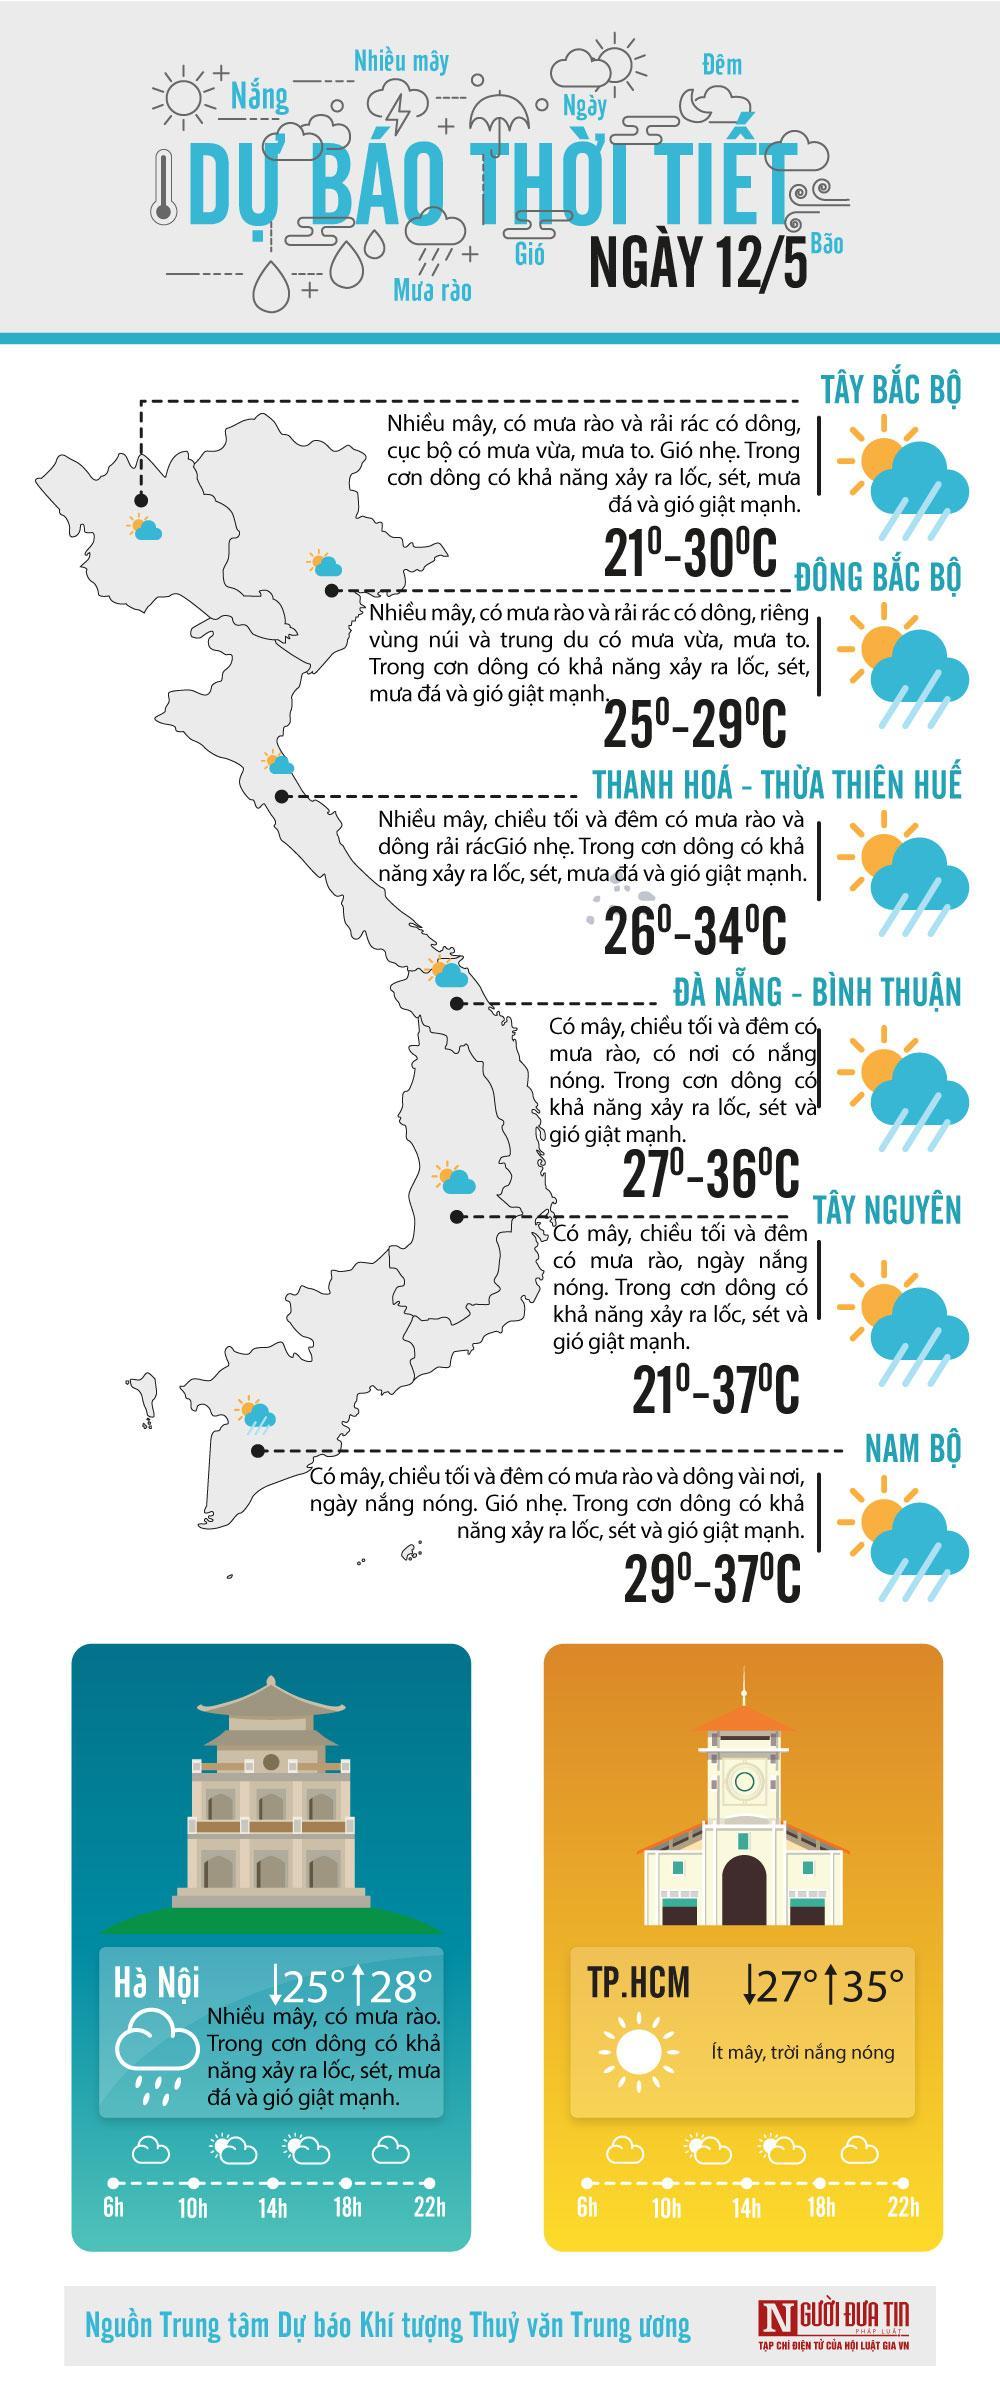 Dự báo thời tiết ngày 12/5/2020: Bắc bộ ba ngày tới dịu mát Ảnh 1